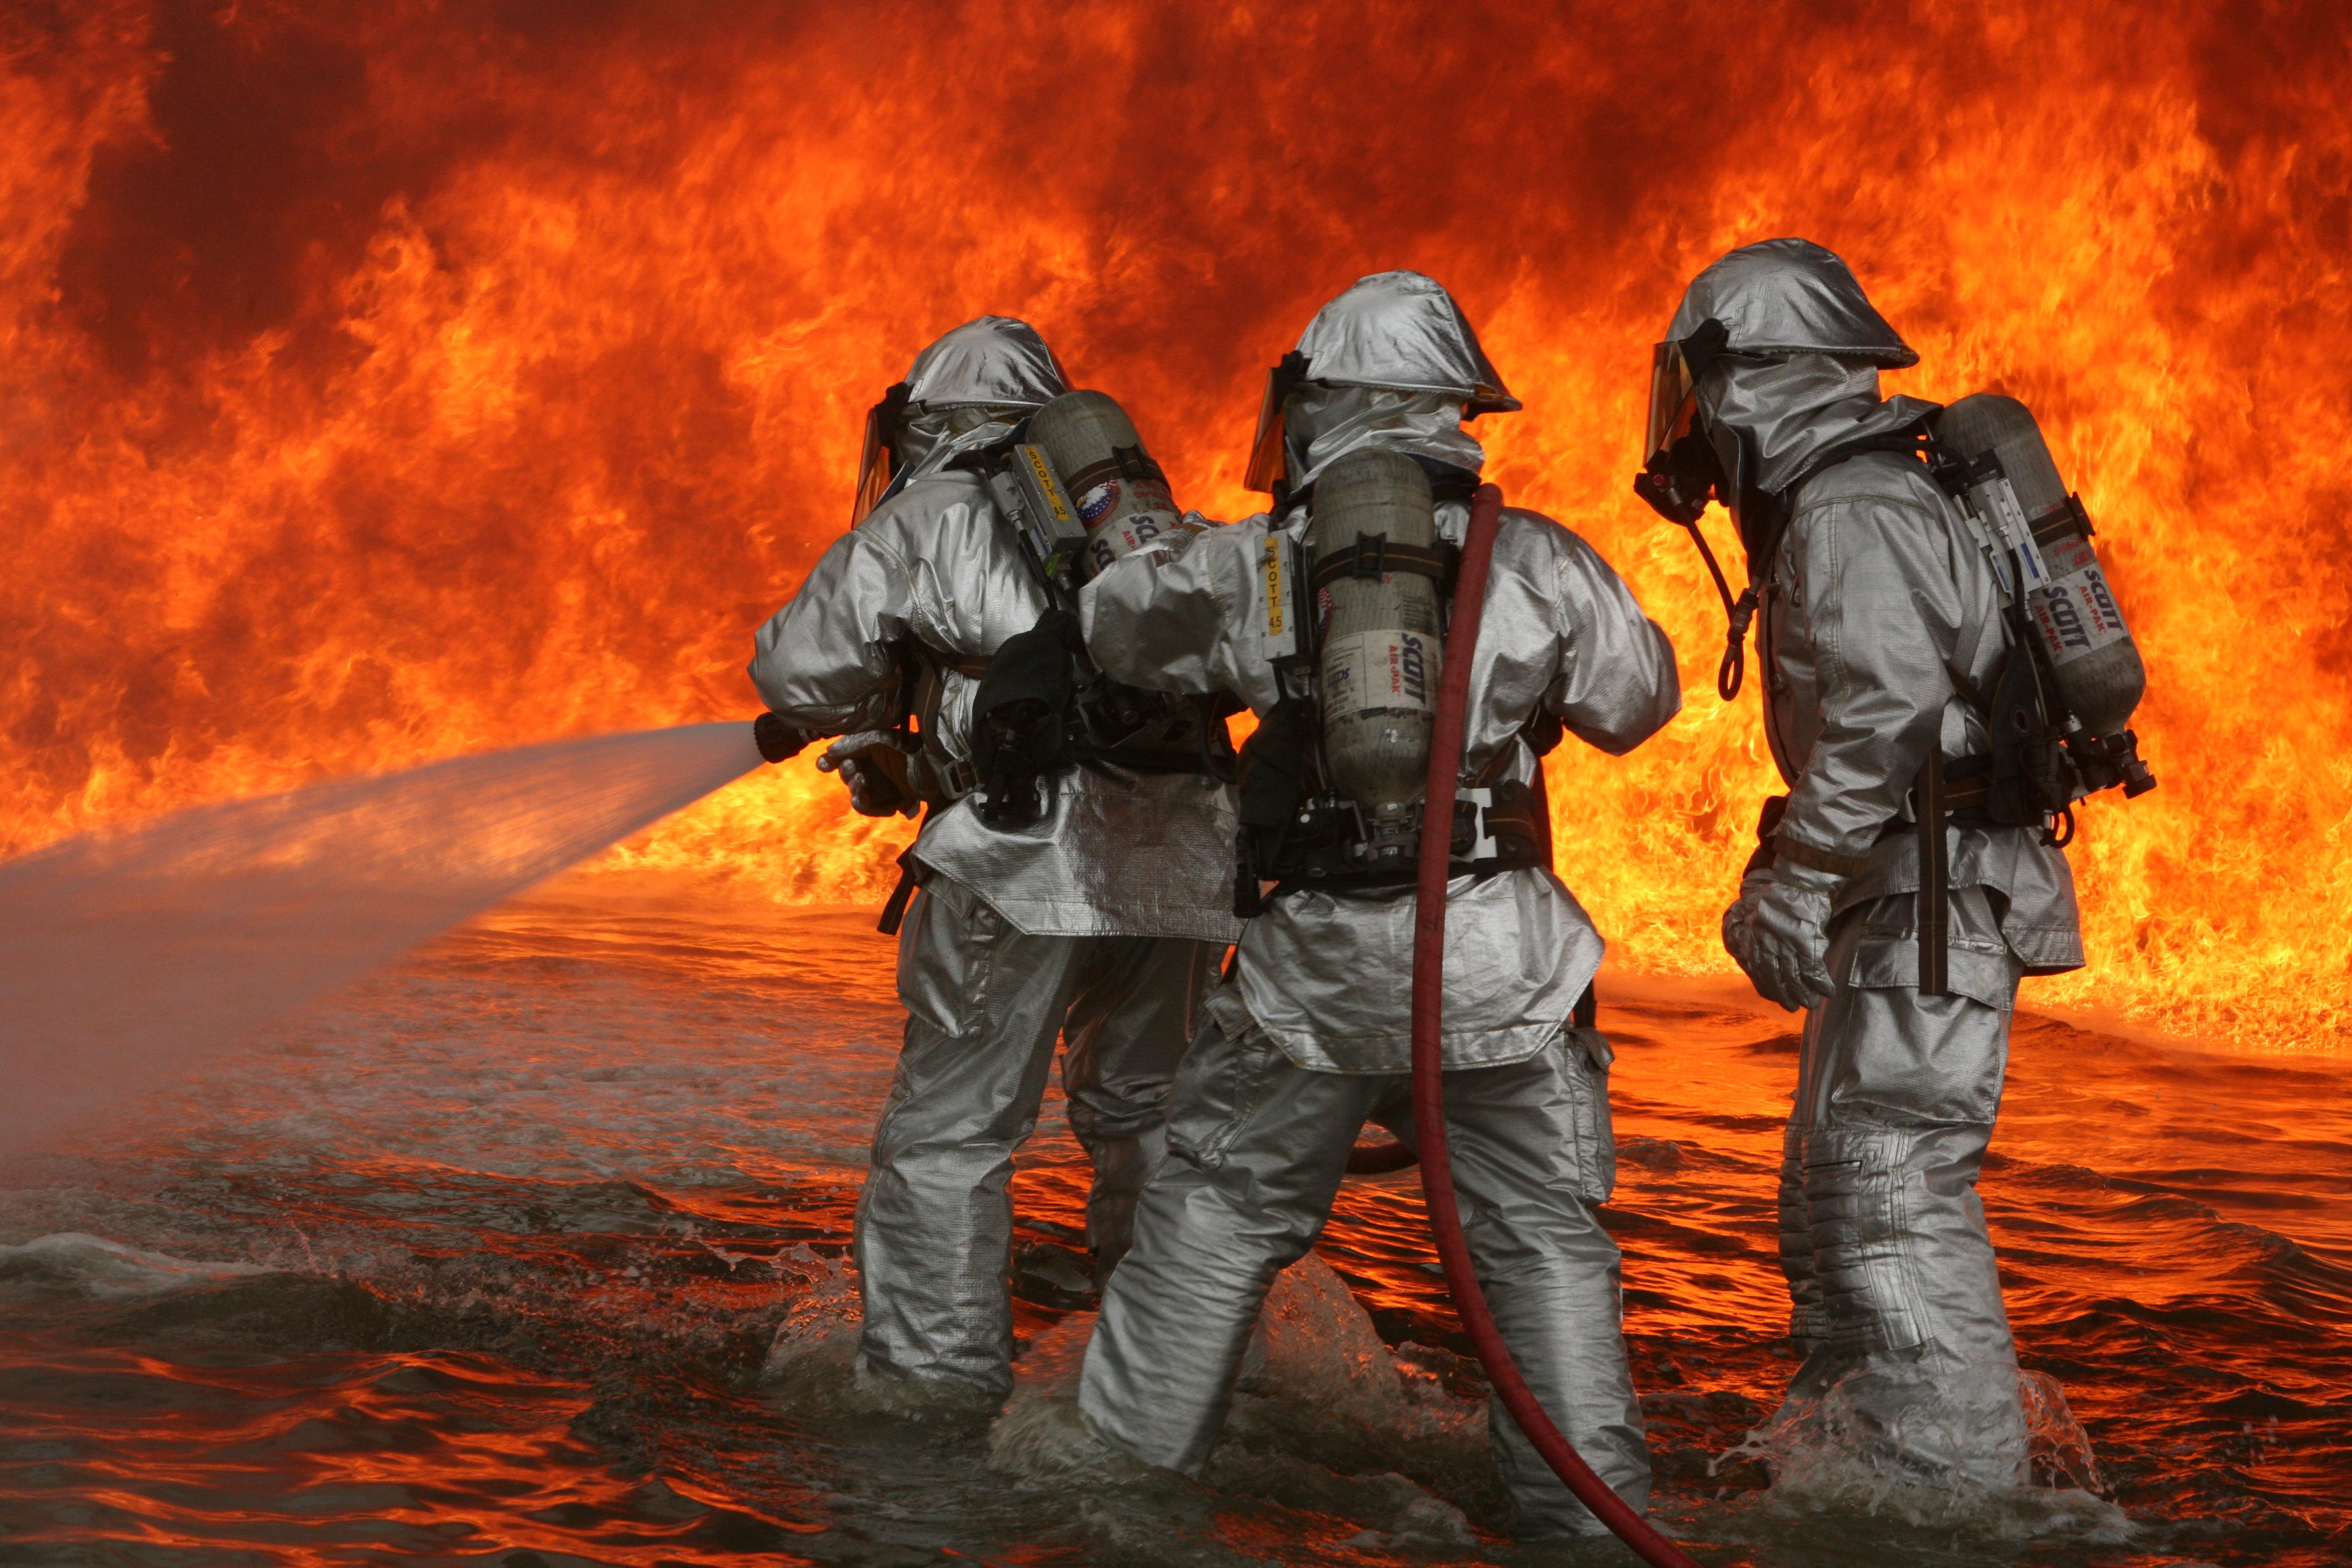 آتش - وقوع یک آتش سوزی در پایتخت روسیه